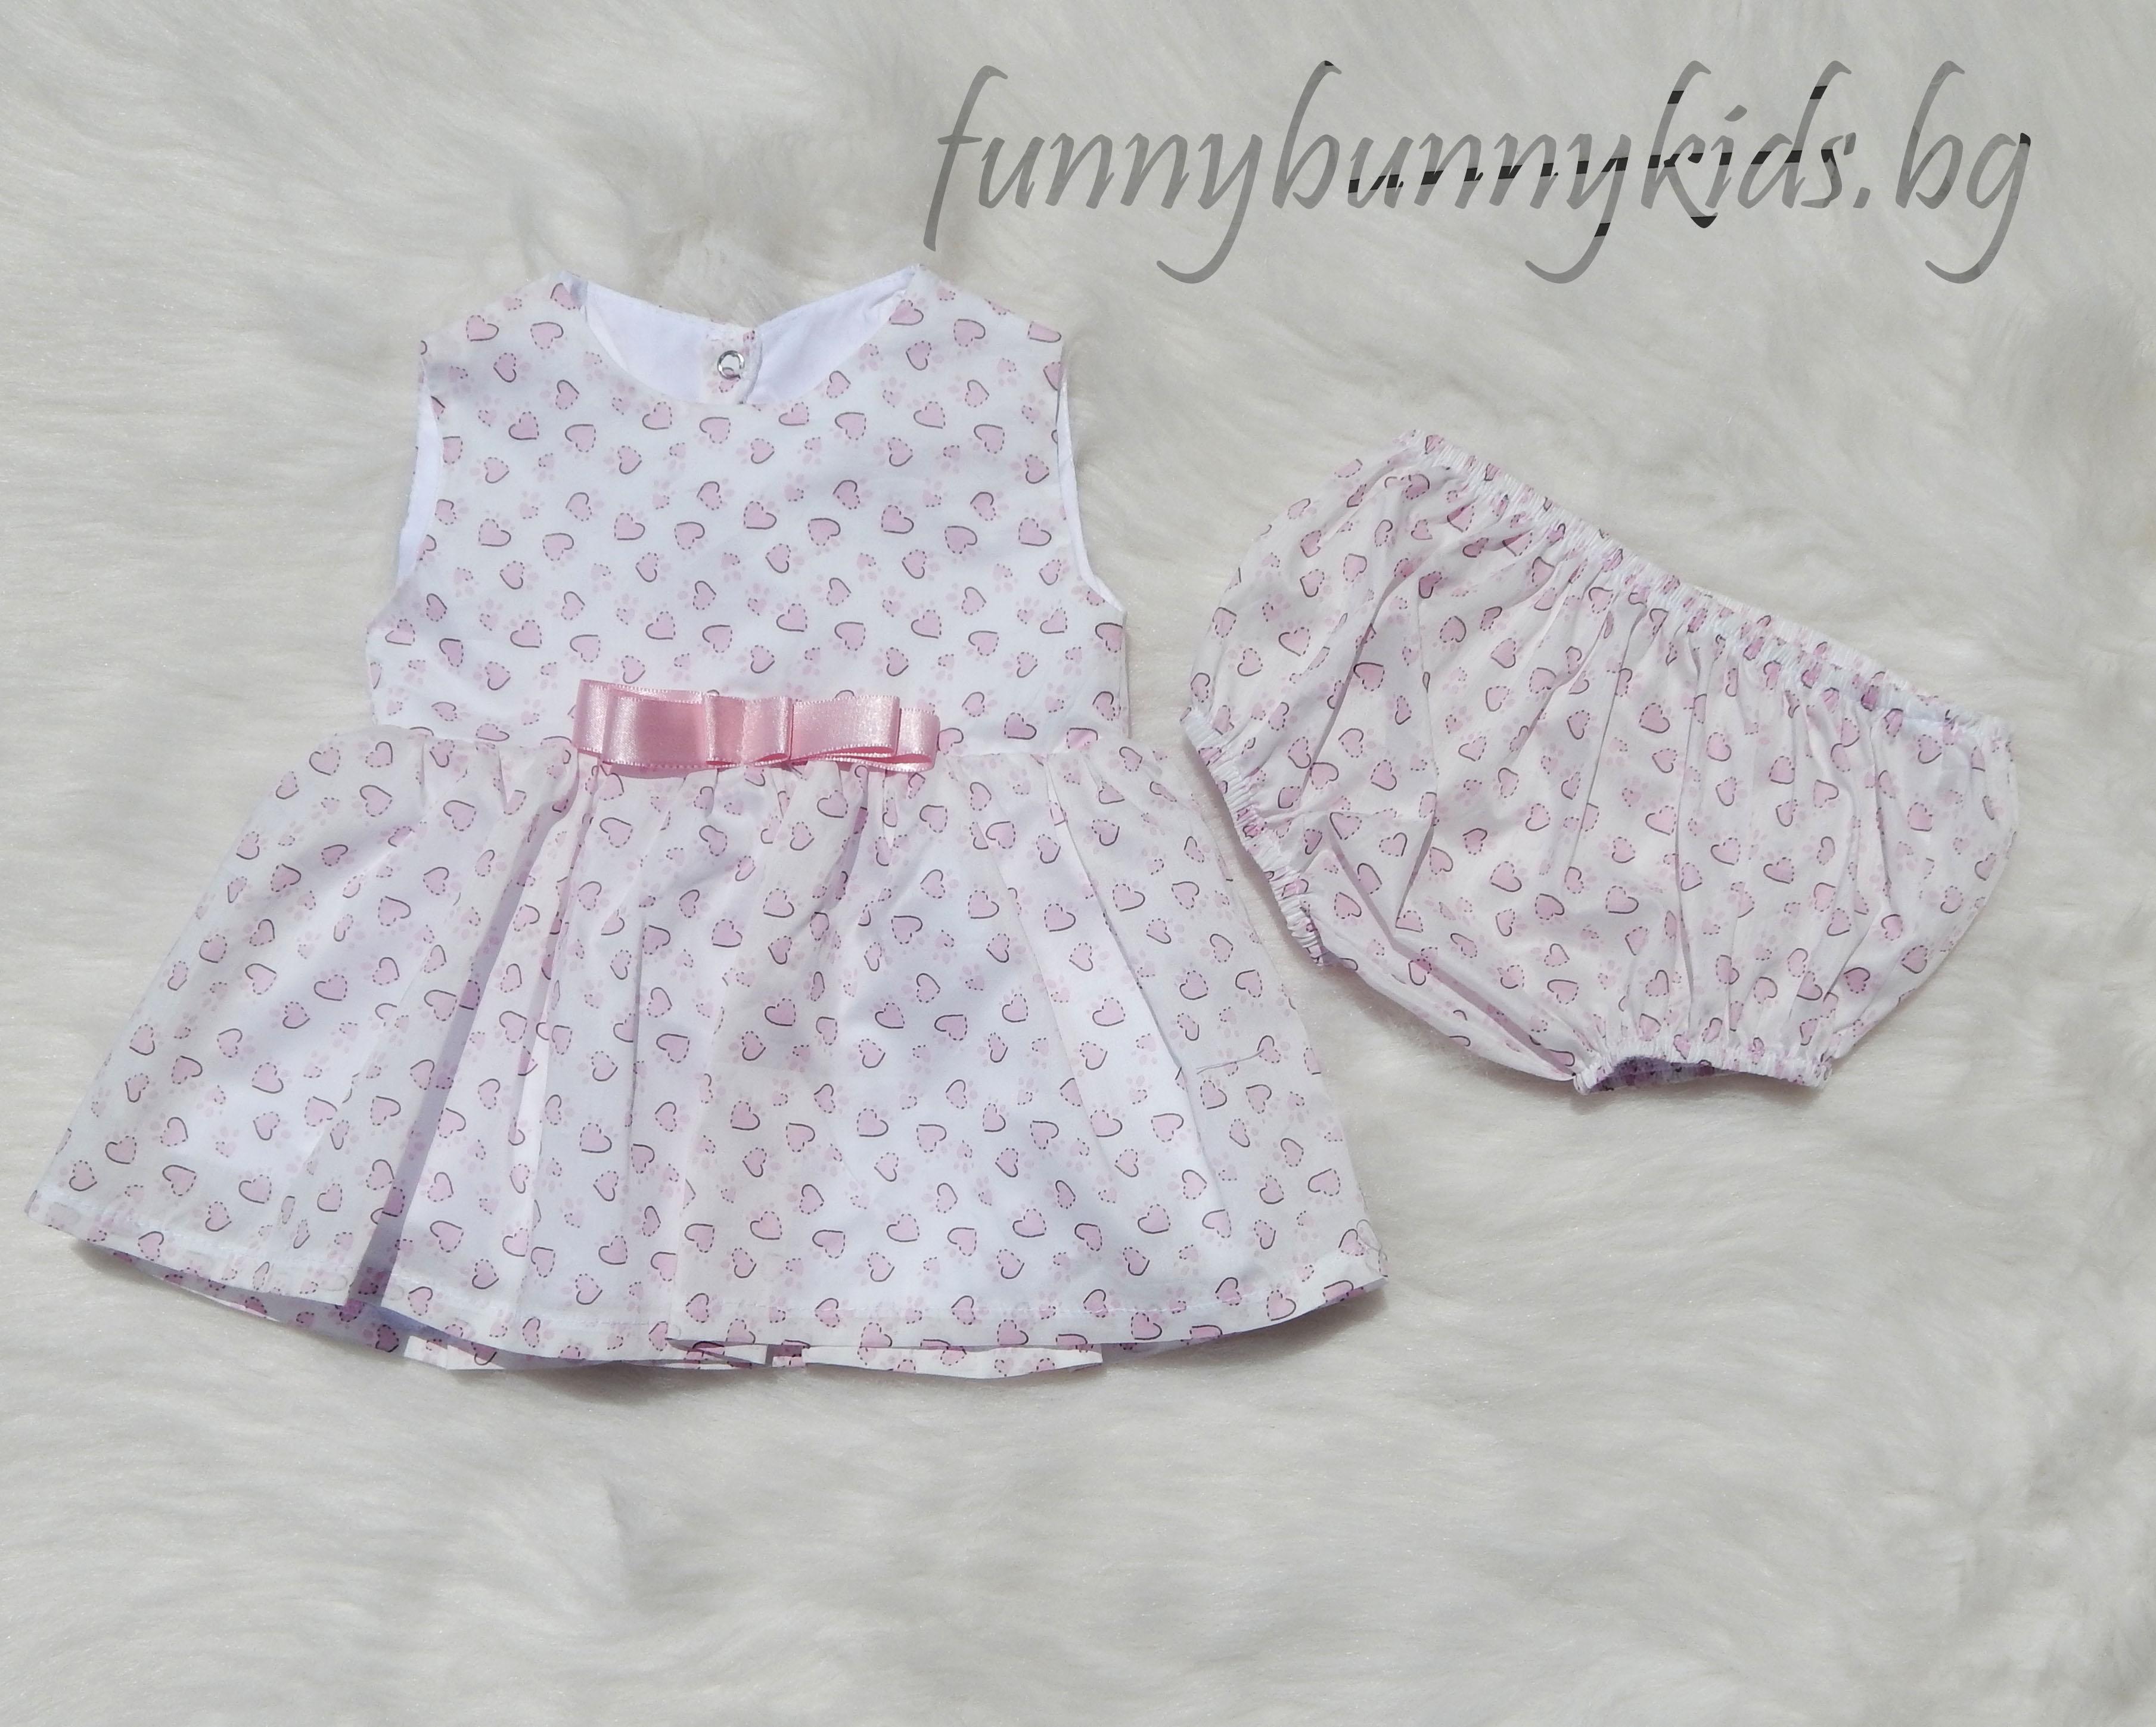 63e20313f75 Лятна рокля за бебе момиче с гащички (56, 62, 68) – FUNNY BUNNY KIDS